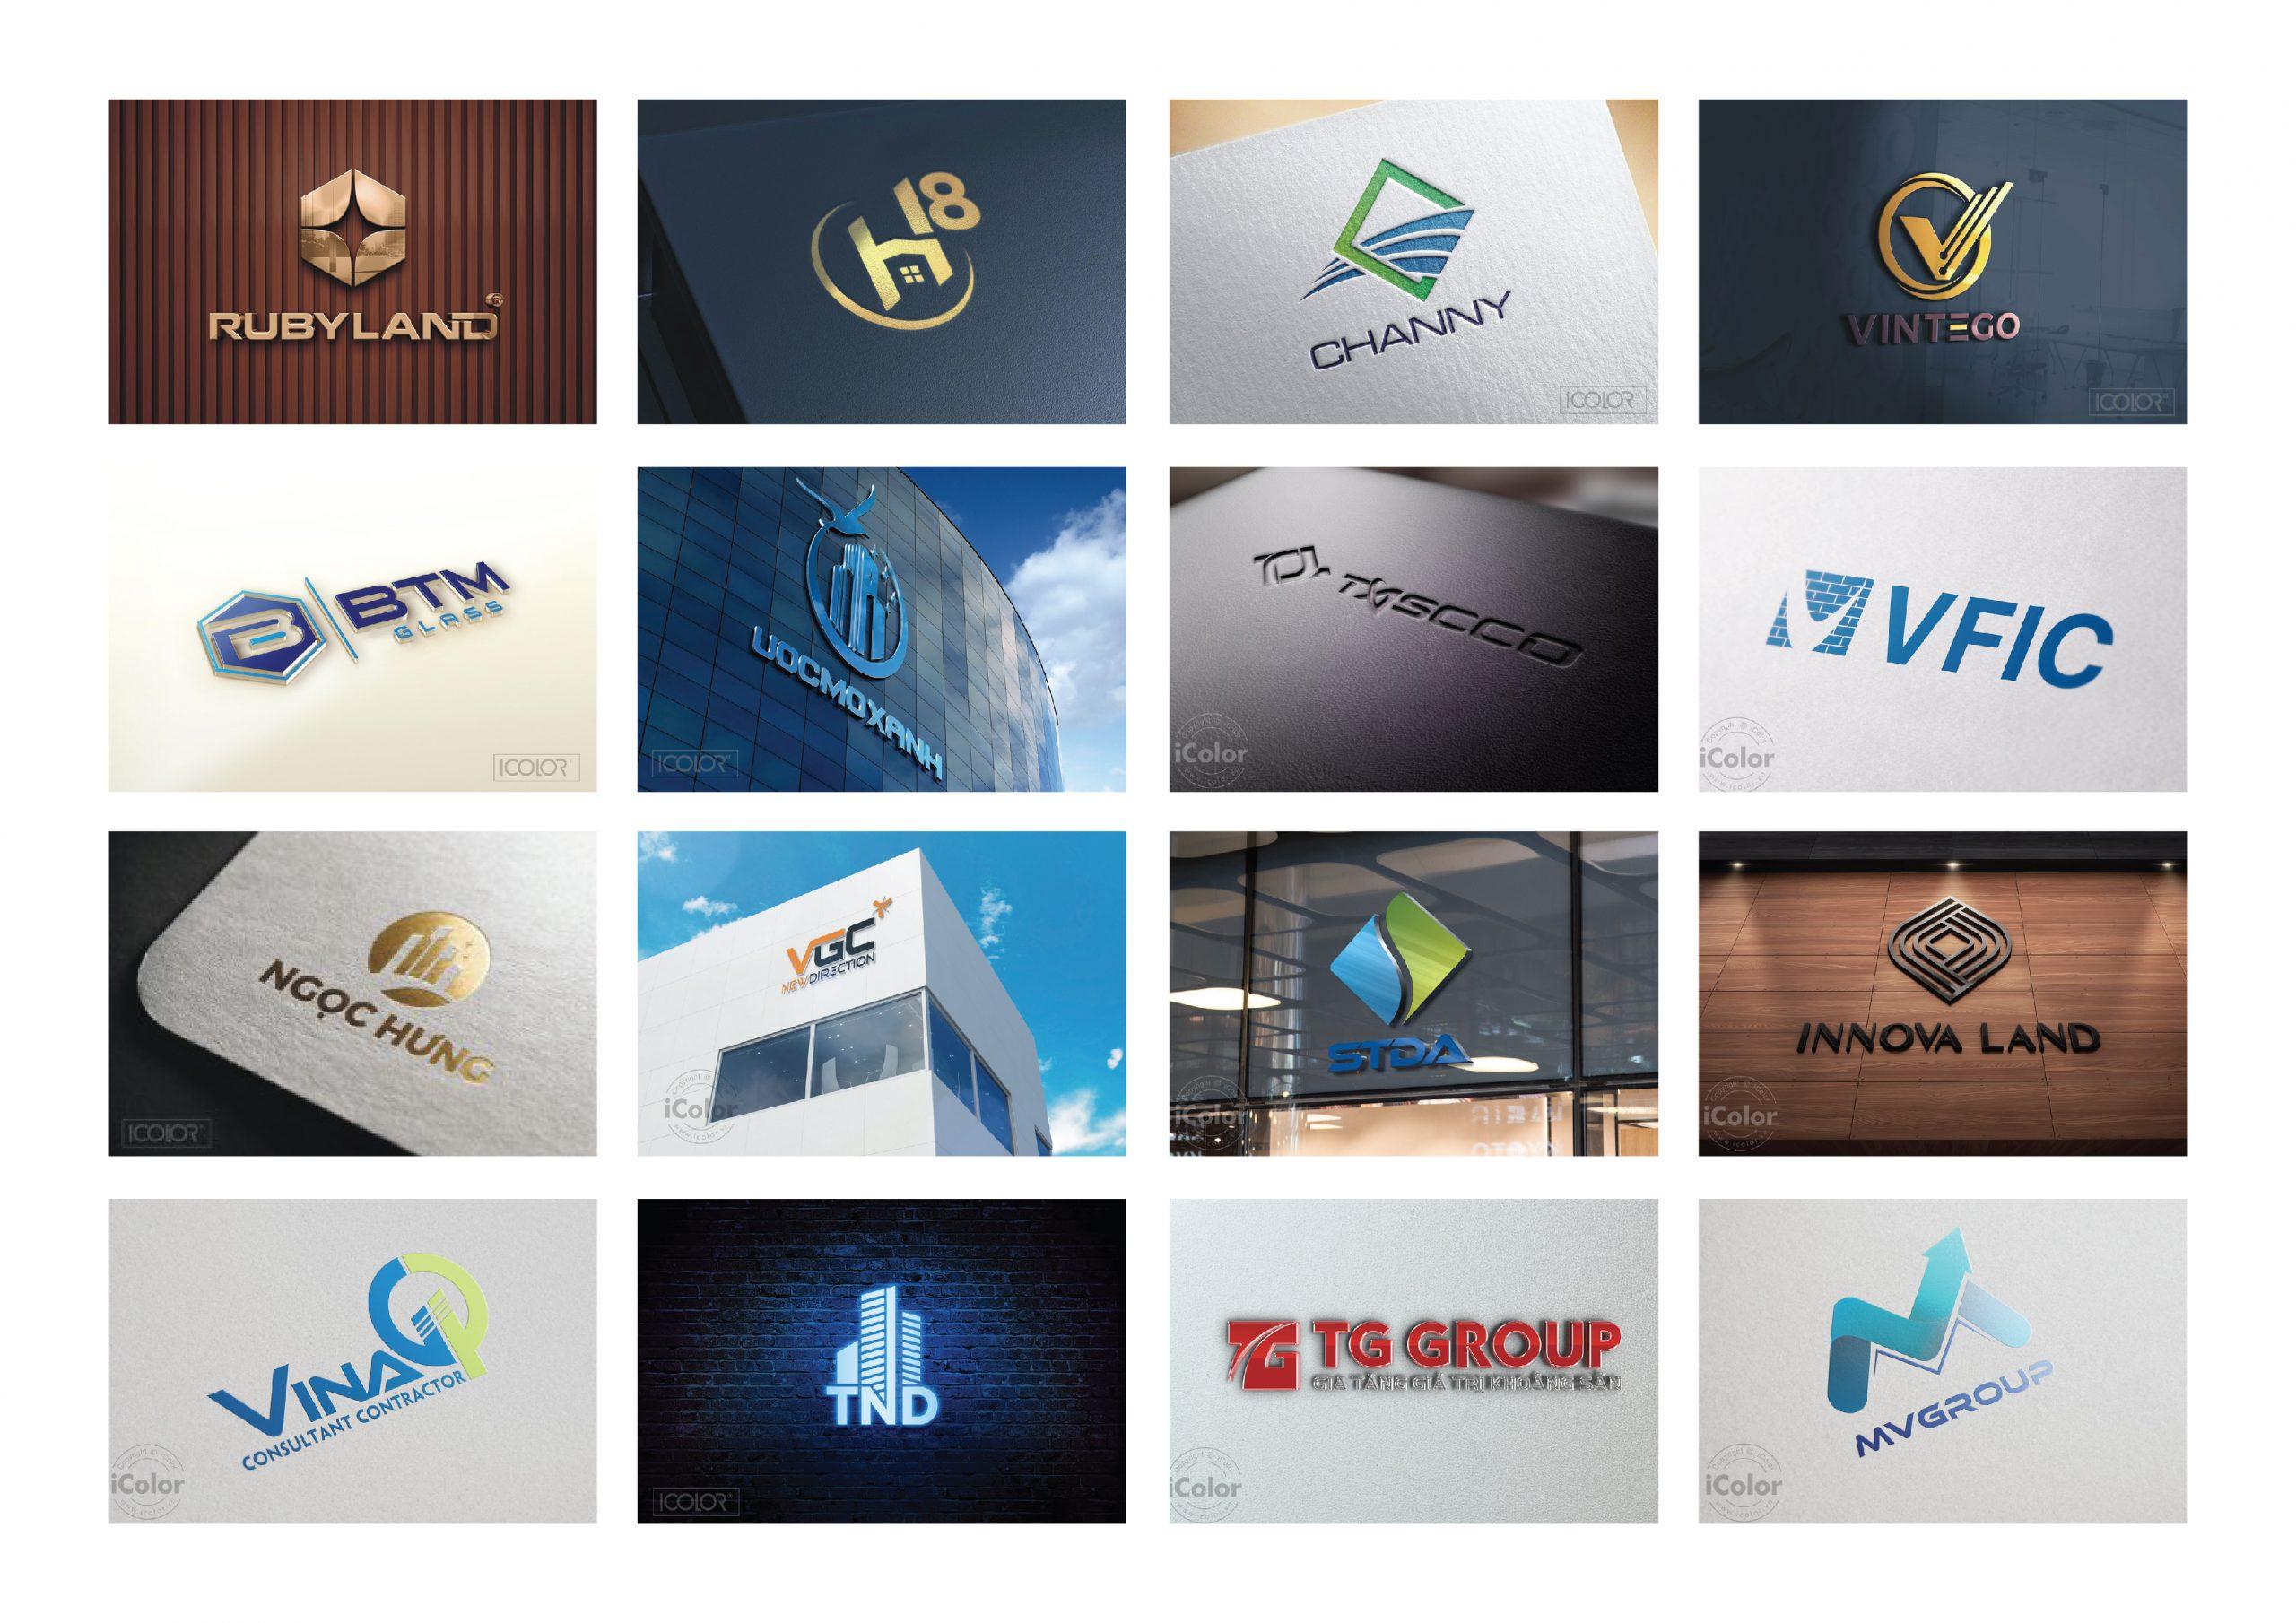 50+ Mẫu Logo Xây Dựng Đẹp, Chuyên Nghiệp Tham Khảo Ngay